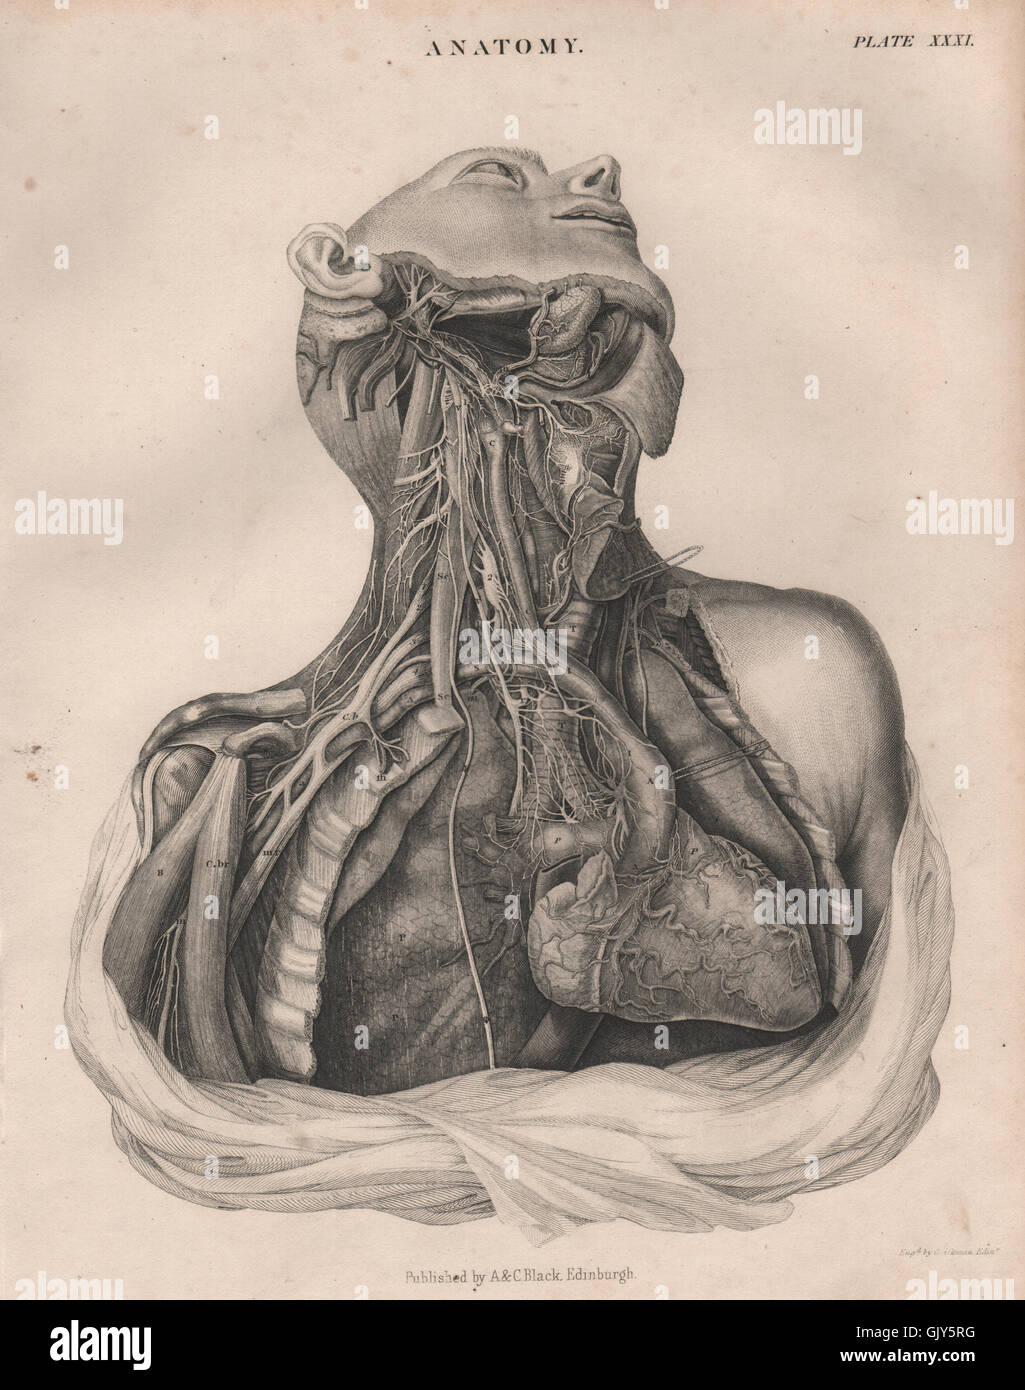 Human Anatomy. Heart lungs chest neck arteries veins. BRITANNICA ...